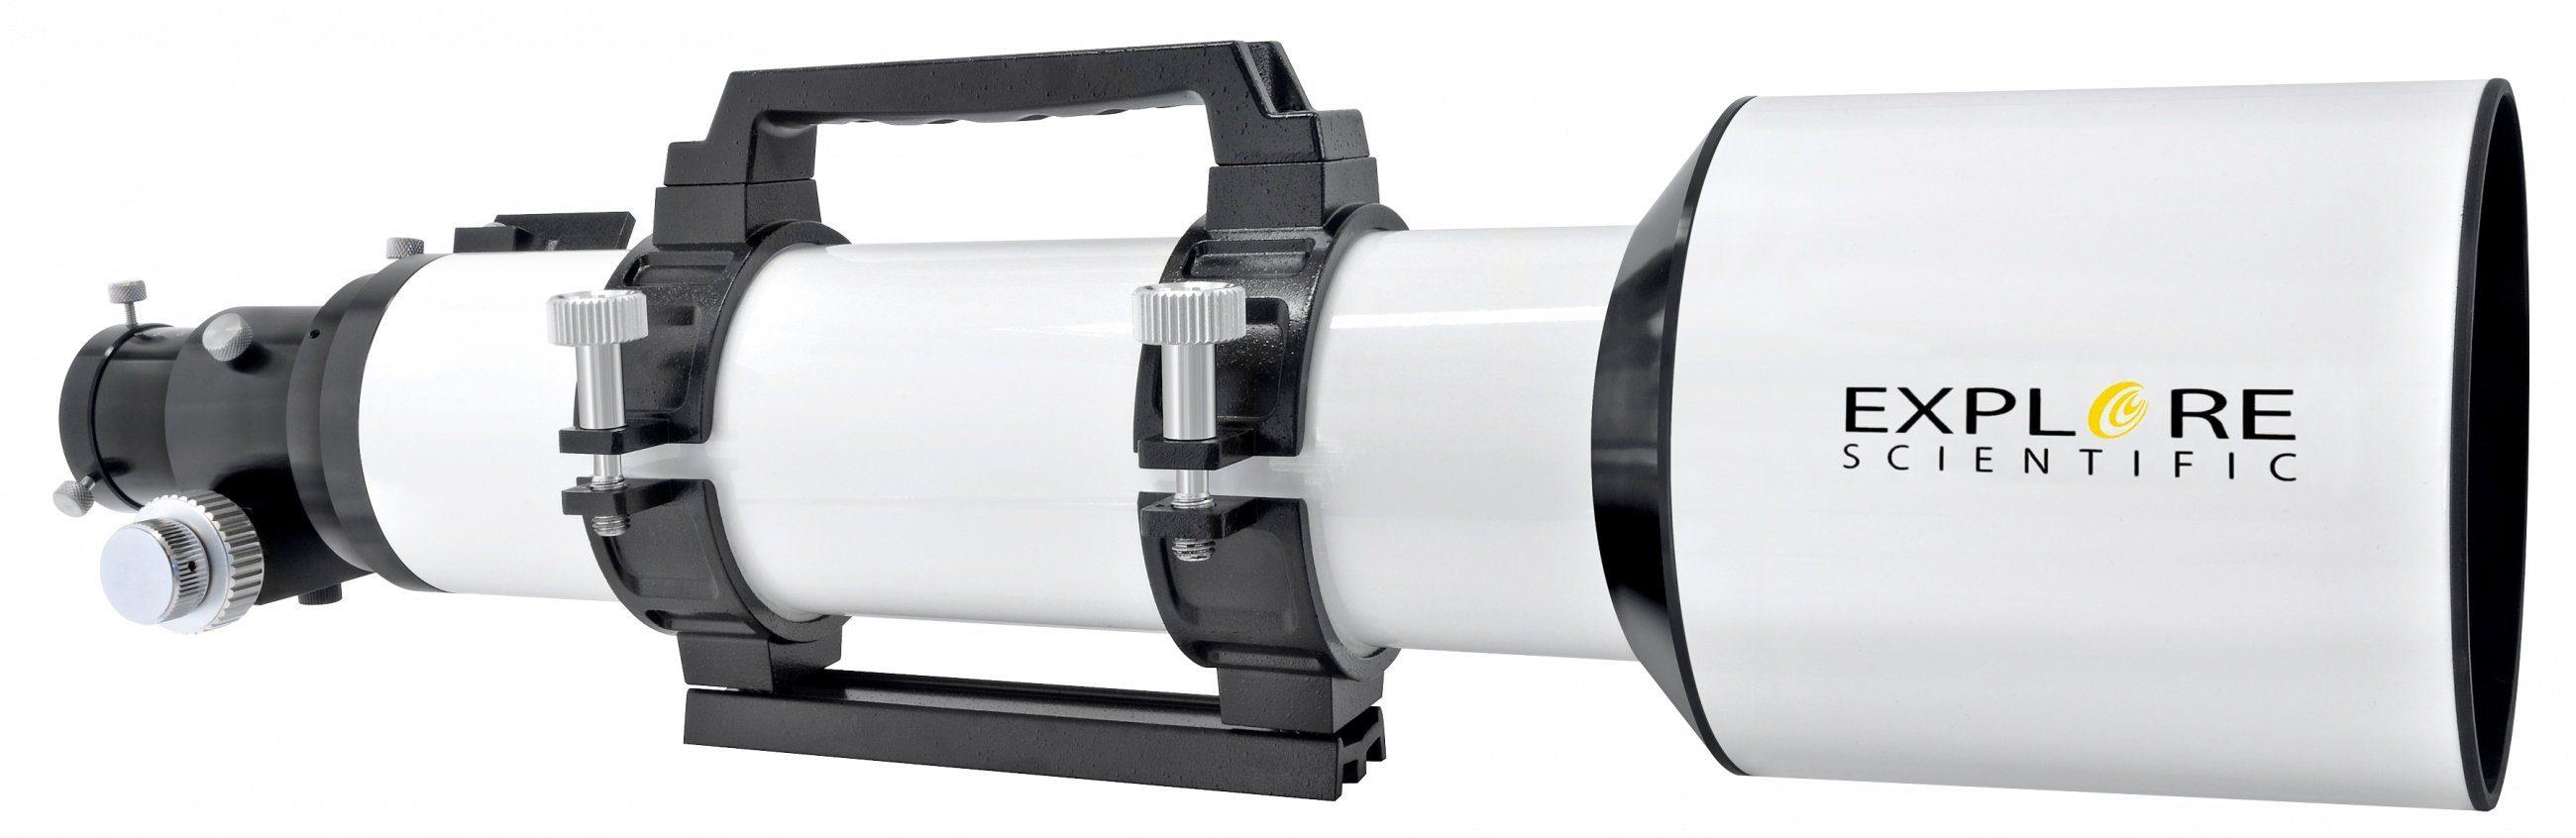 """Explore Scientific Teleskop »ED APO 102mm f/7 FCD-1 Alu 2"""" R&P Fokussierer«"""